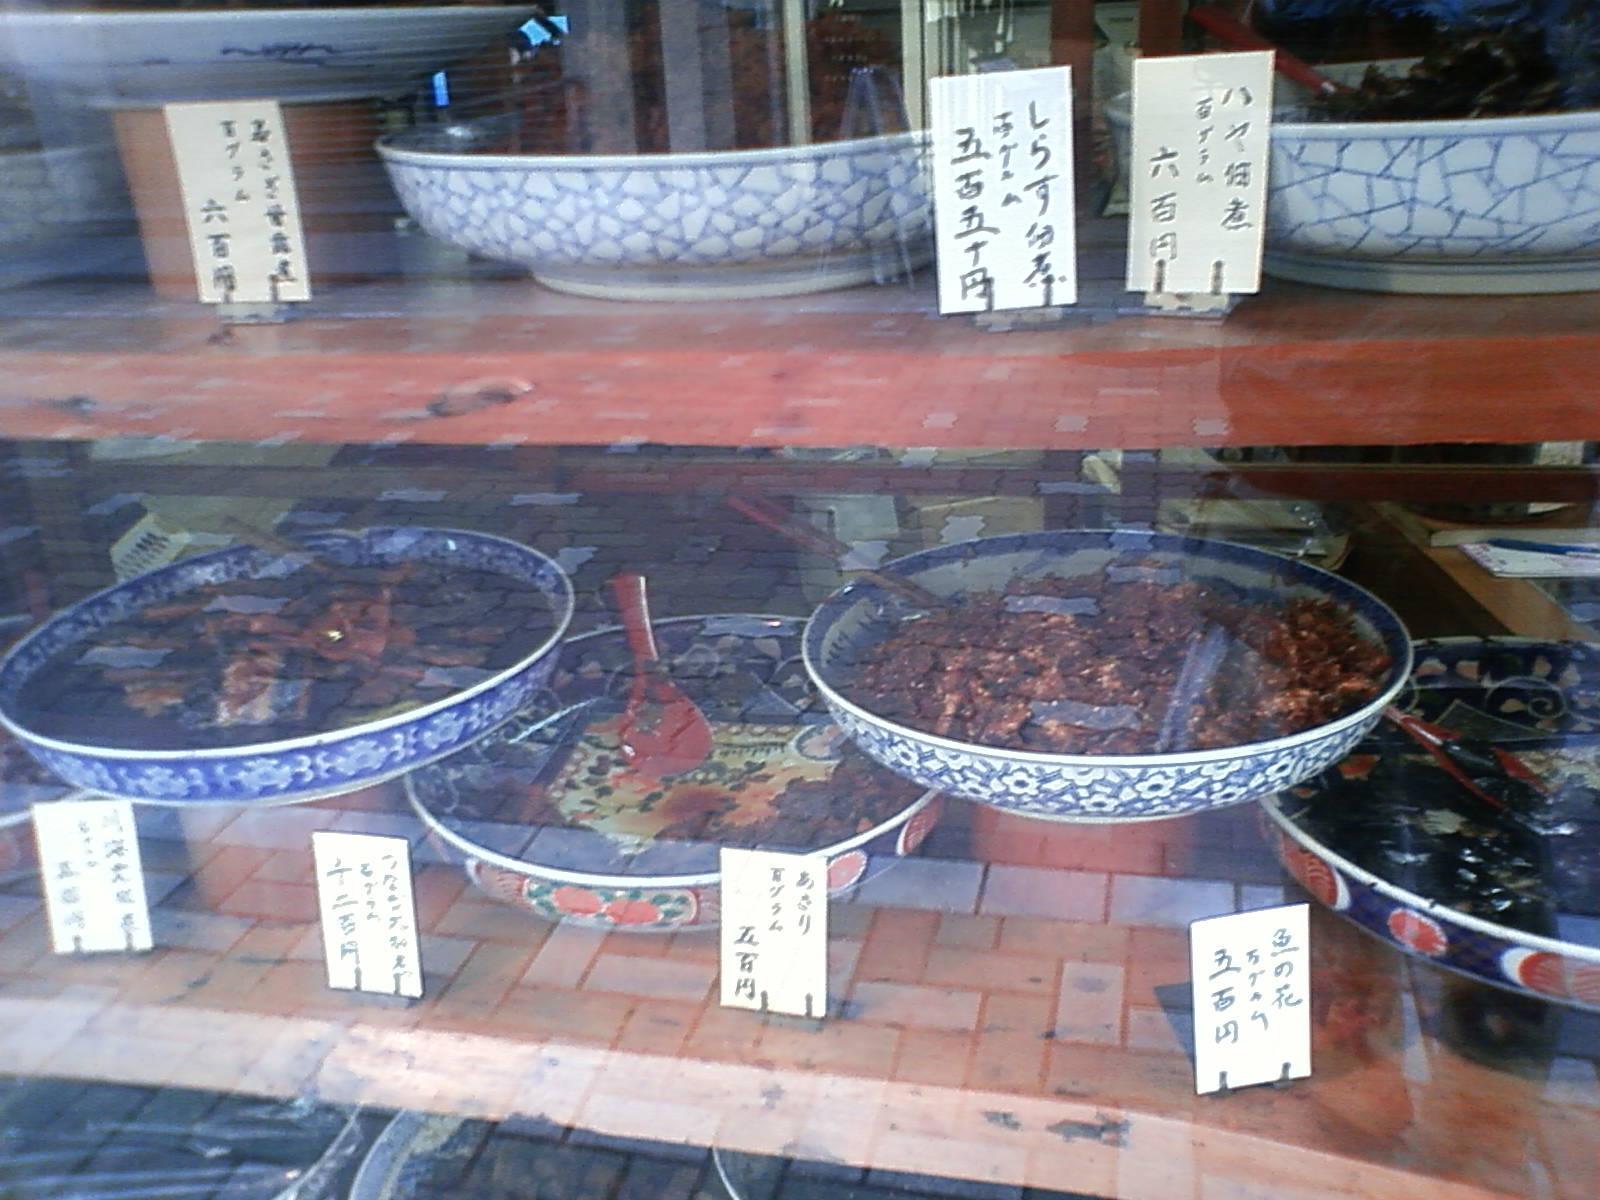 上野・佃煮・鮒藤商店/Tsukudani Funafuji @Ueno_a0186568_19131969.jpg